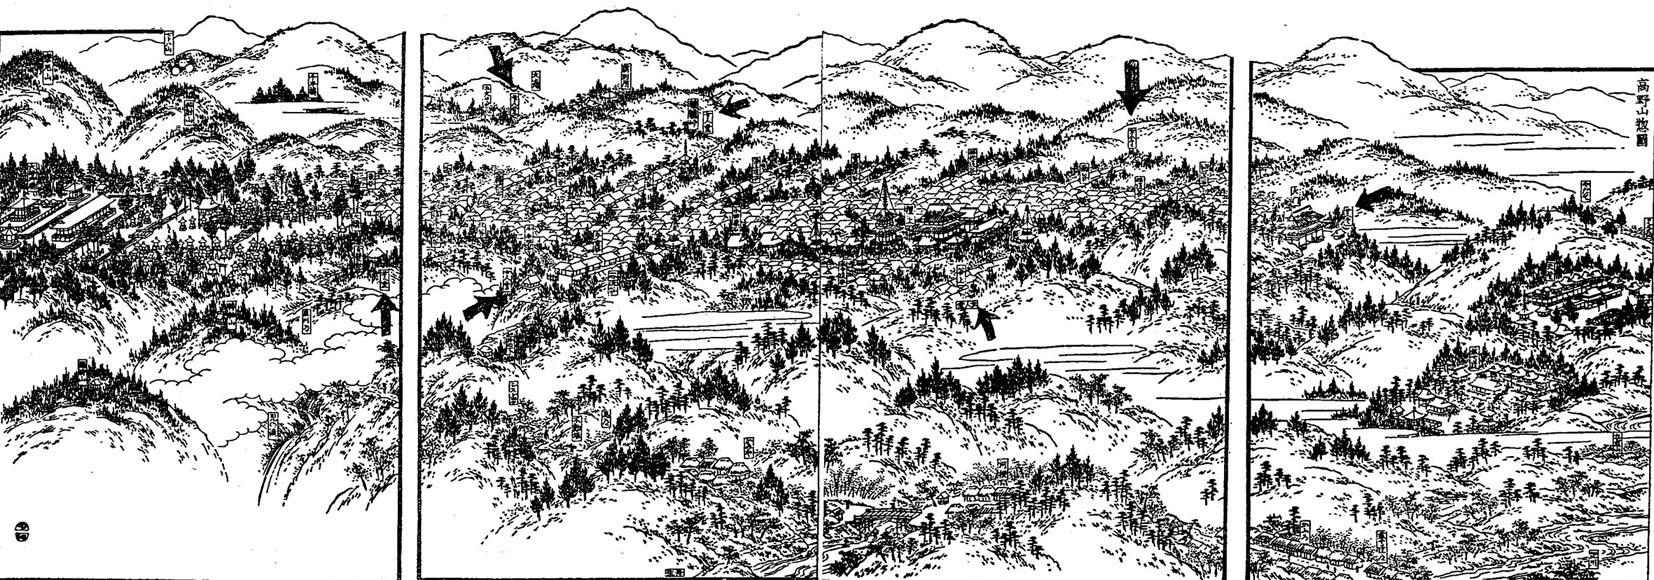 築城400年祭《談話室》 それぞれの彦根物語 2006.8.16_f0017409_1859520.jpg